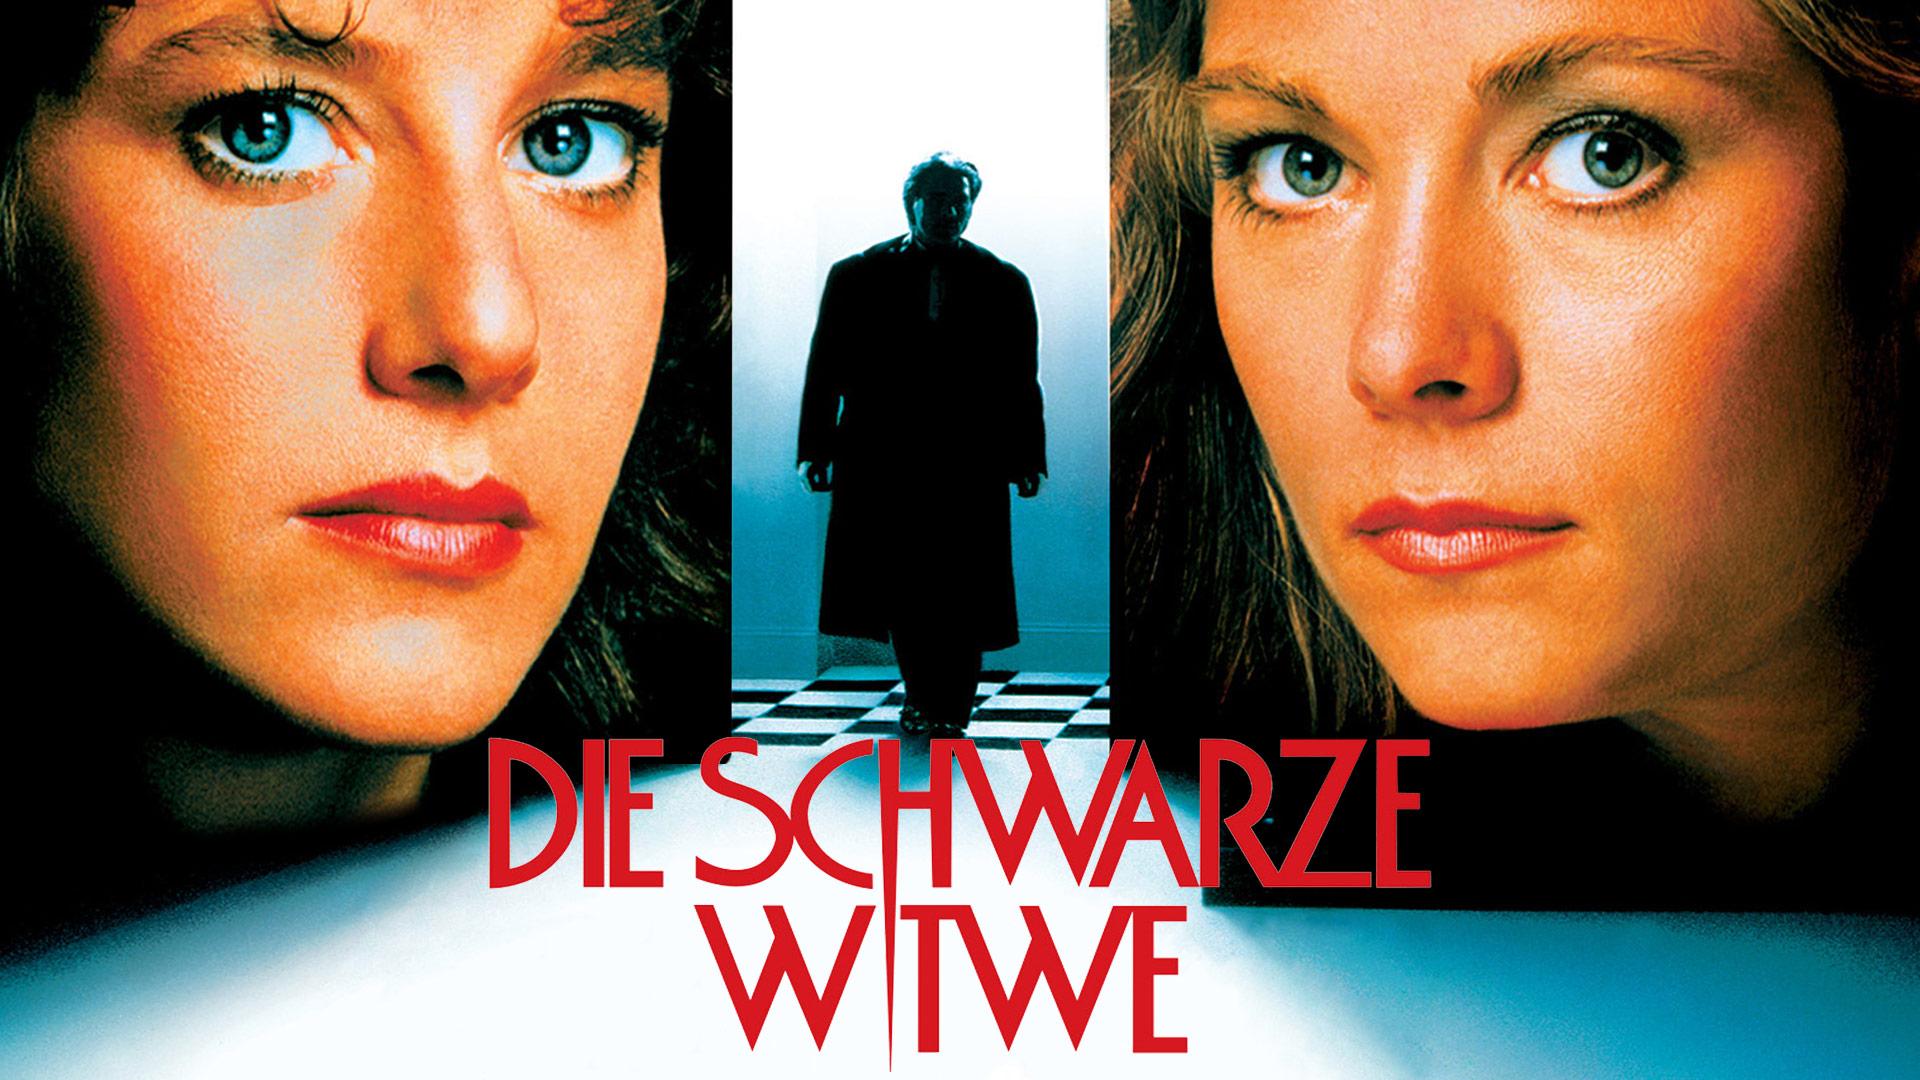 Die schwarze Witwe